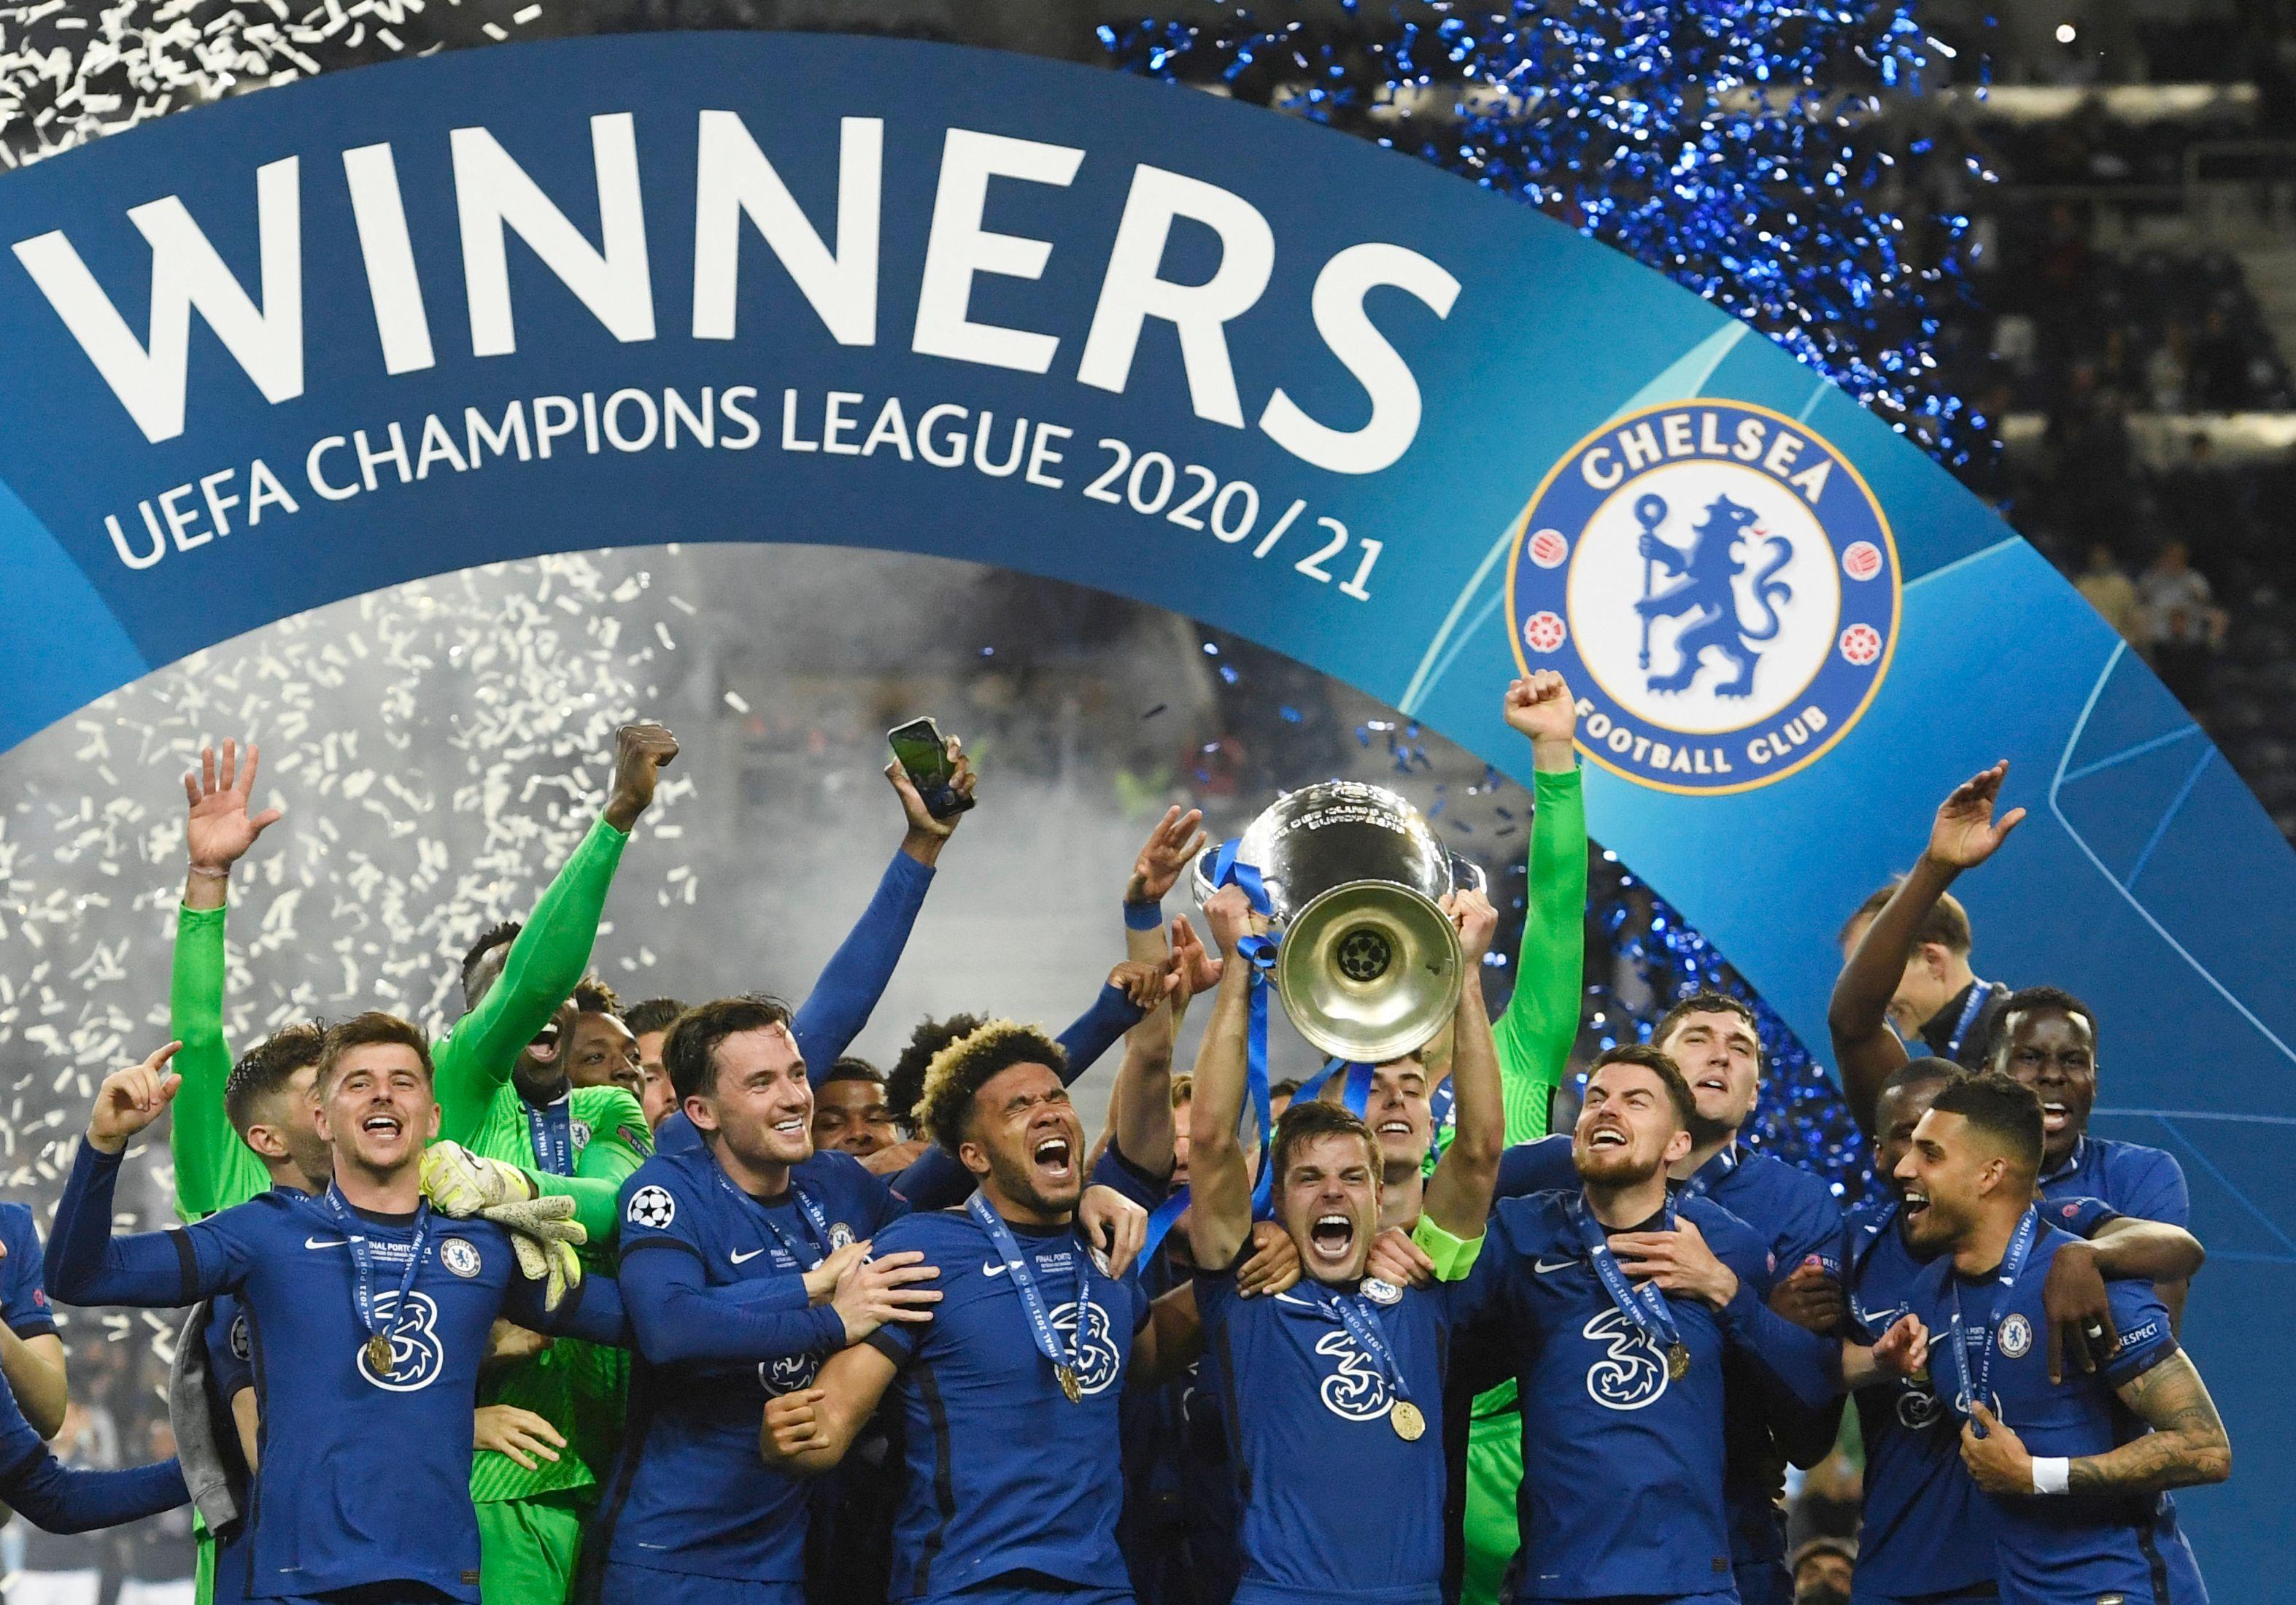 Champions League 2021: Jugadores y entrenadores reaccionan al Chelsea vs.Manchester City